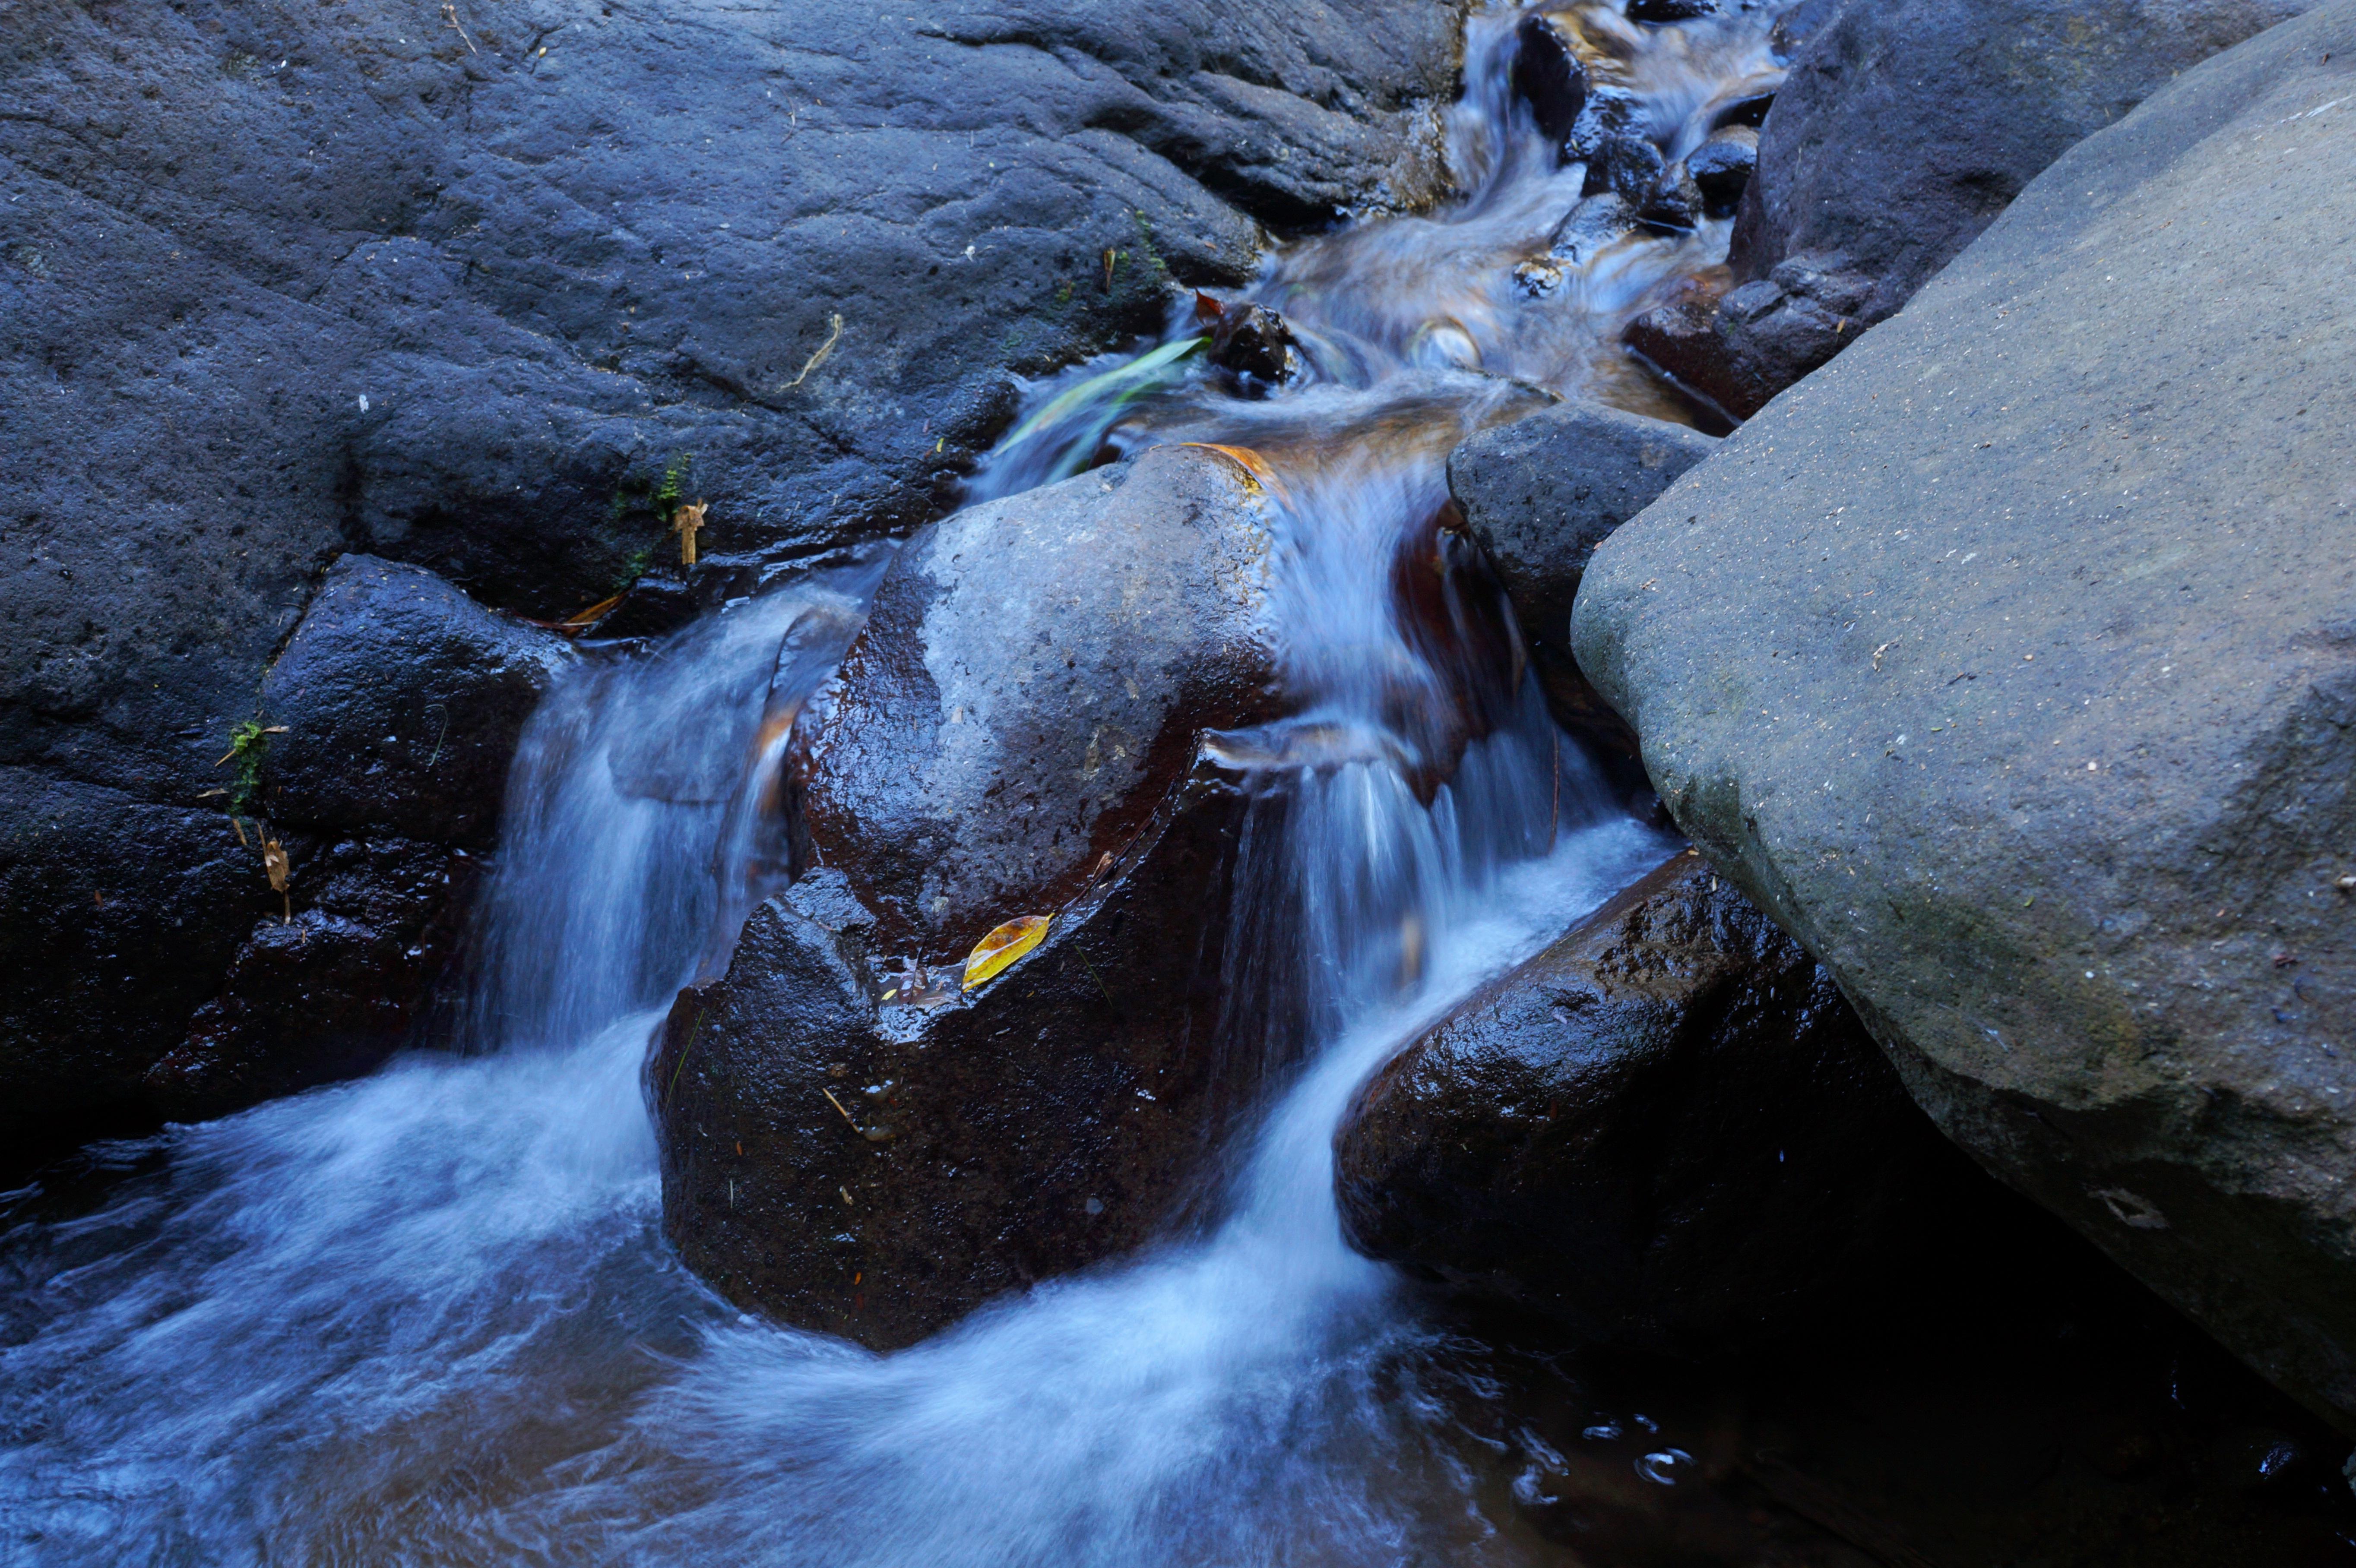 Fotos Gratis 225 Rbol Naturaleza Rock Cascada Arroyo